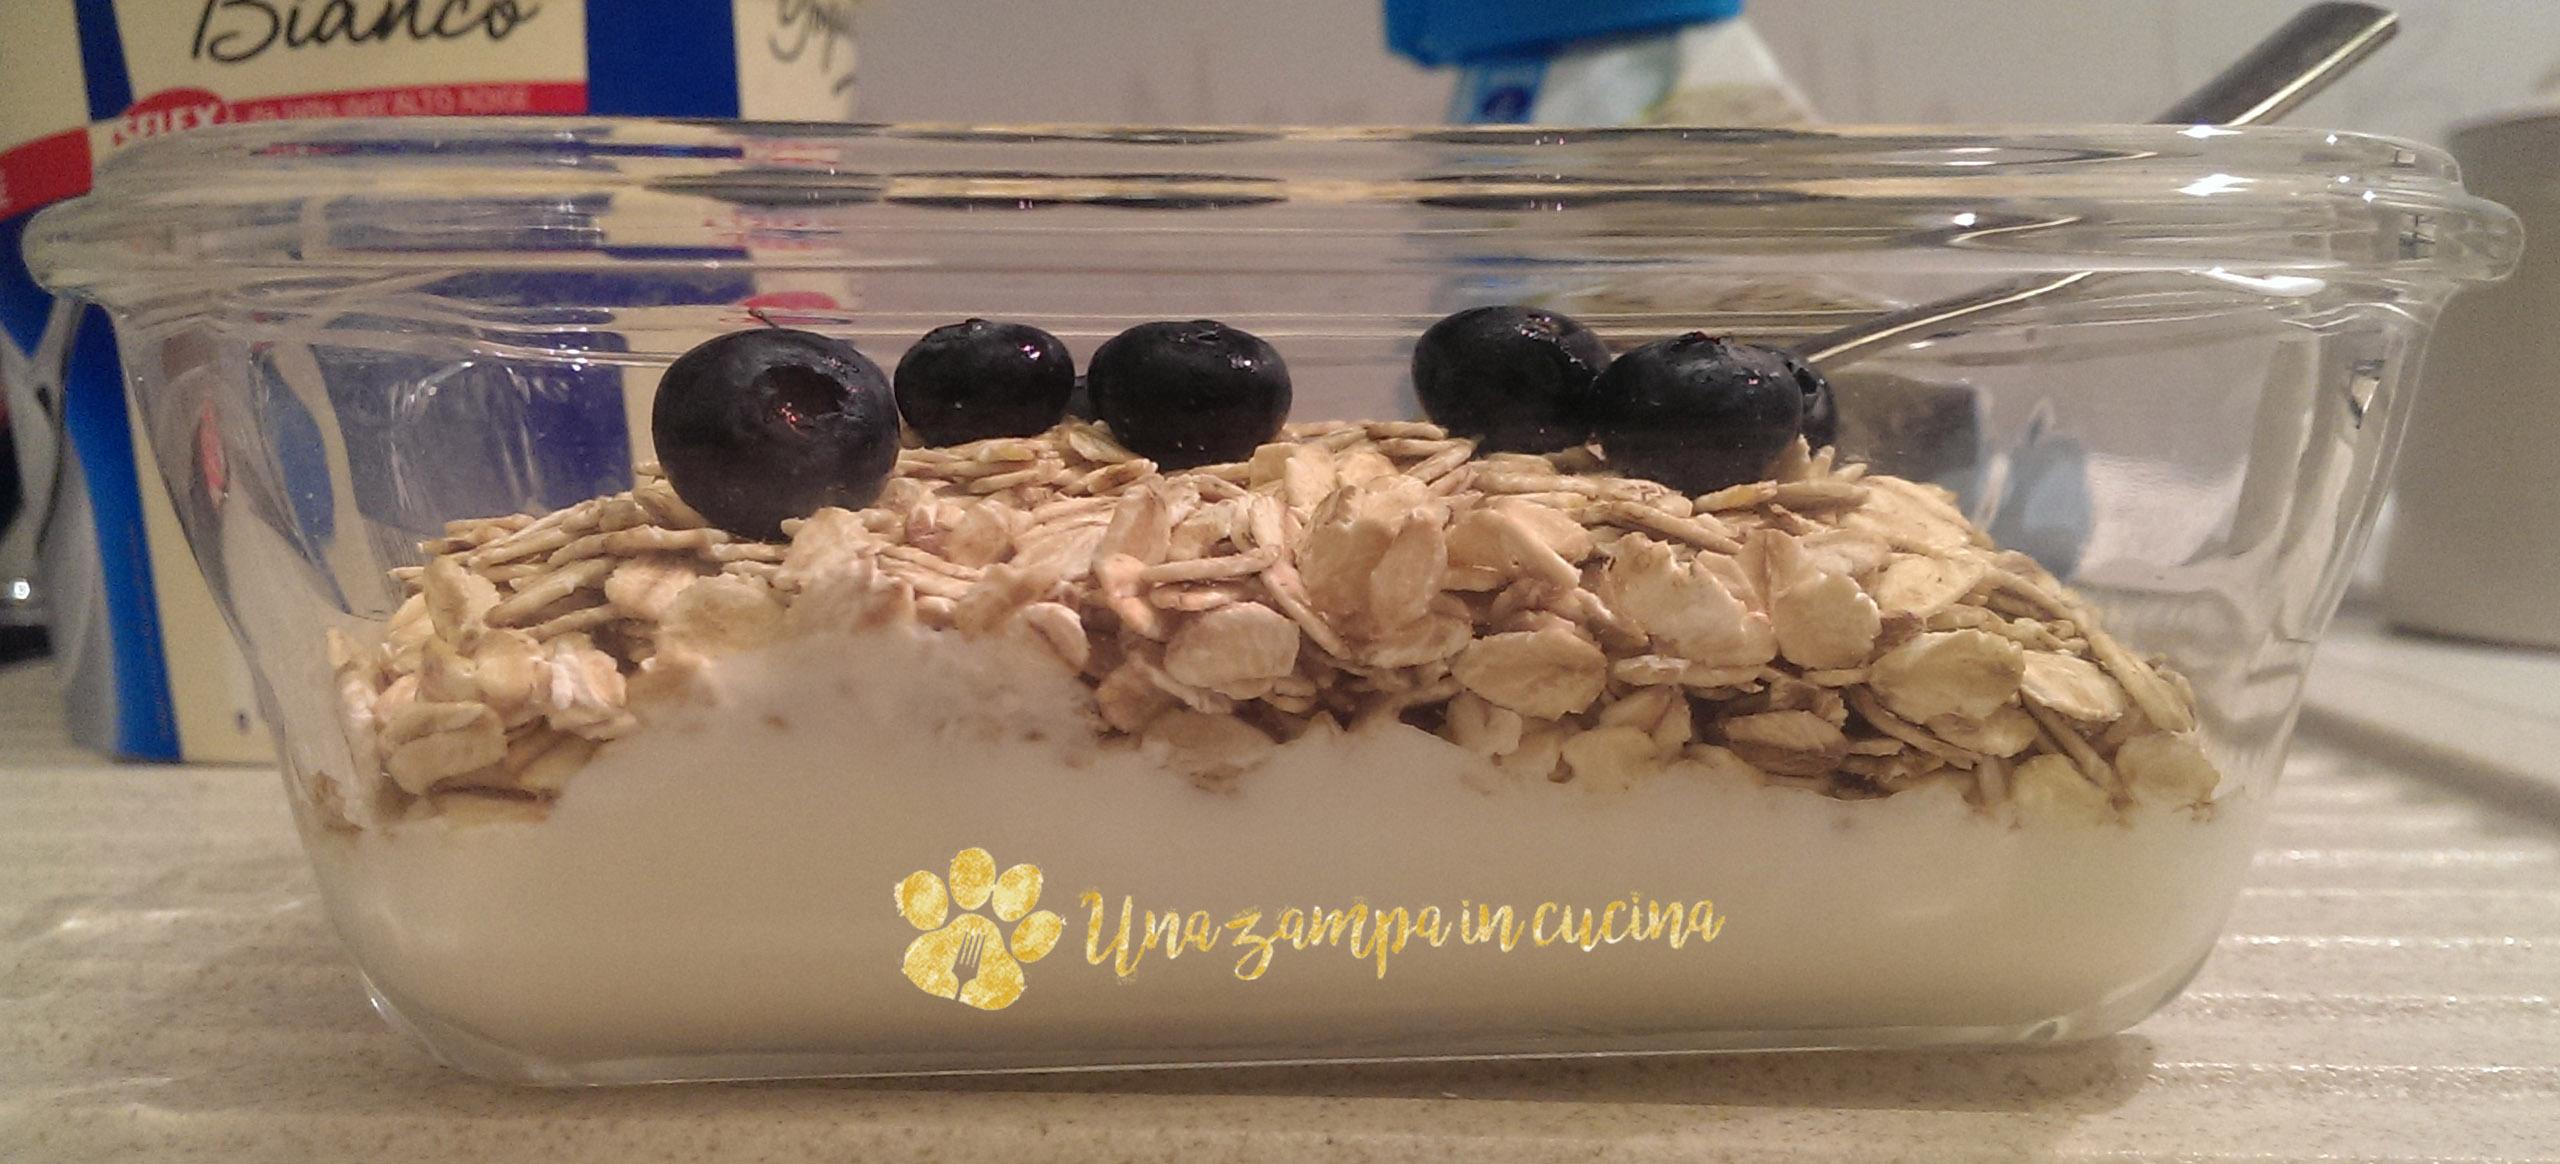 Yogurt avena mirtilli: la nostra colazione con yogurt avena e mirtilli, ricca di proteine e altre sostanze benefiche. Prova anche tu lo yogurt con avena:-)